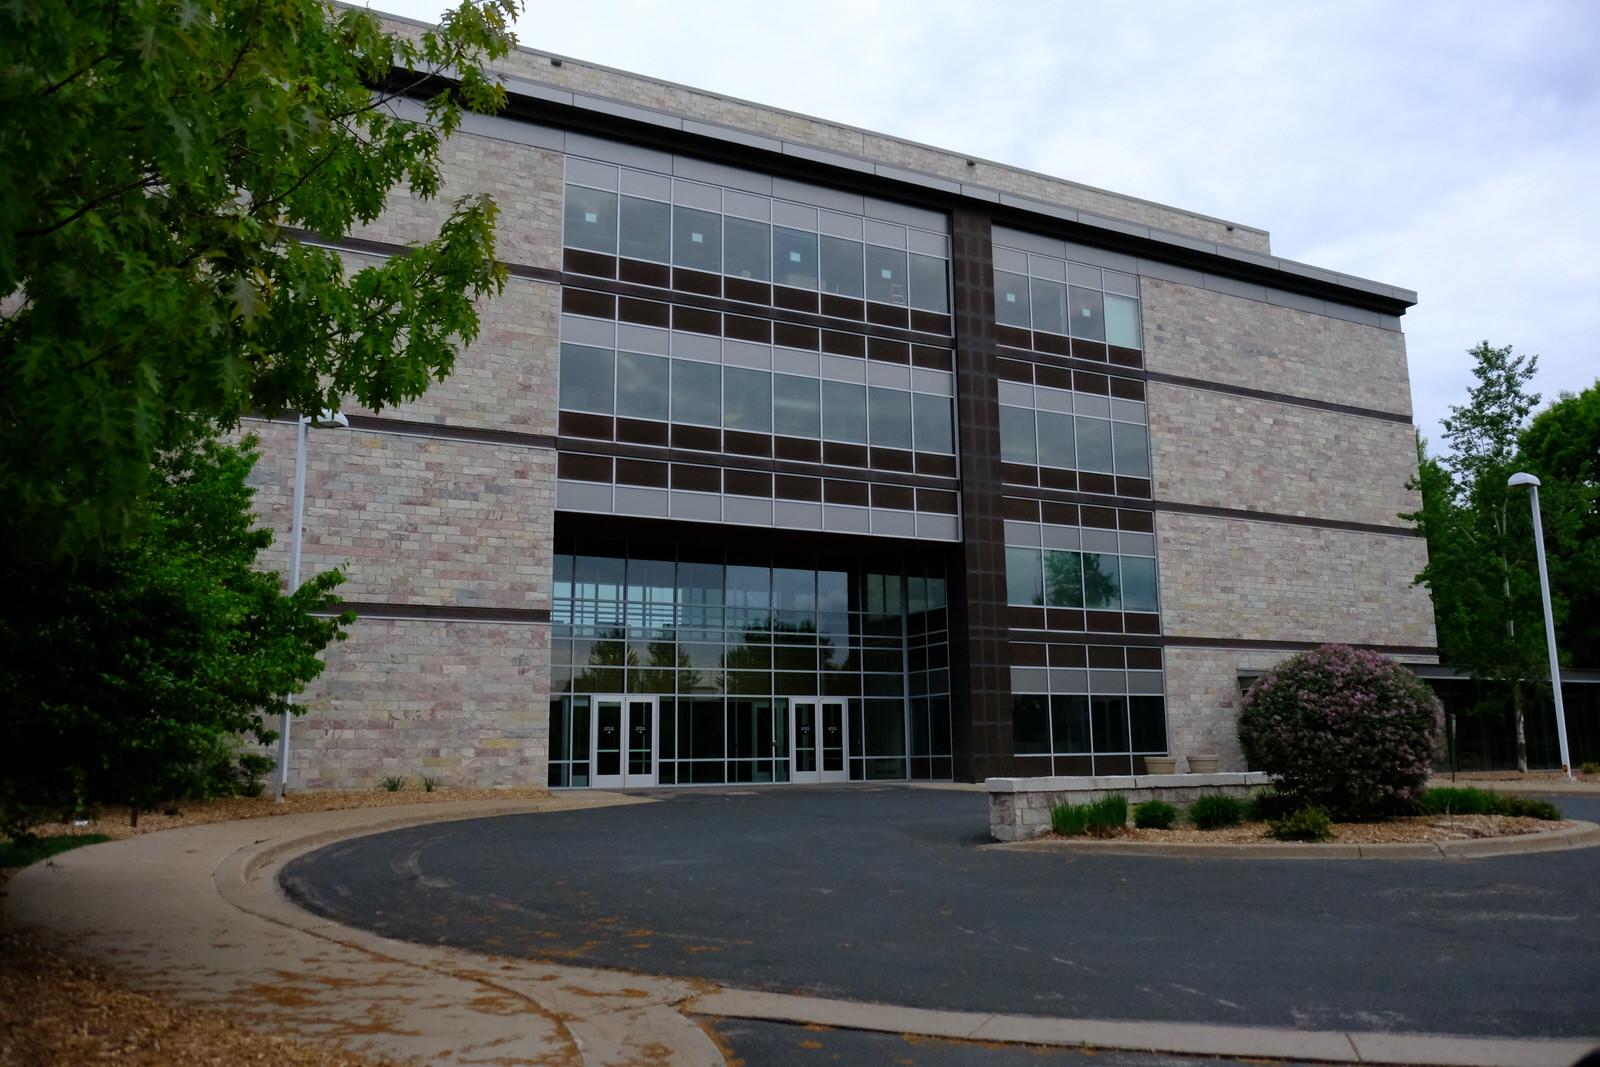 Ceridian's corporate headquarters in Minneapolis, Minnesota.